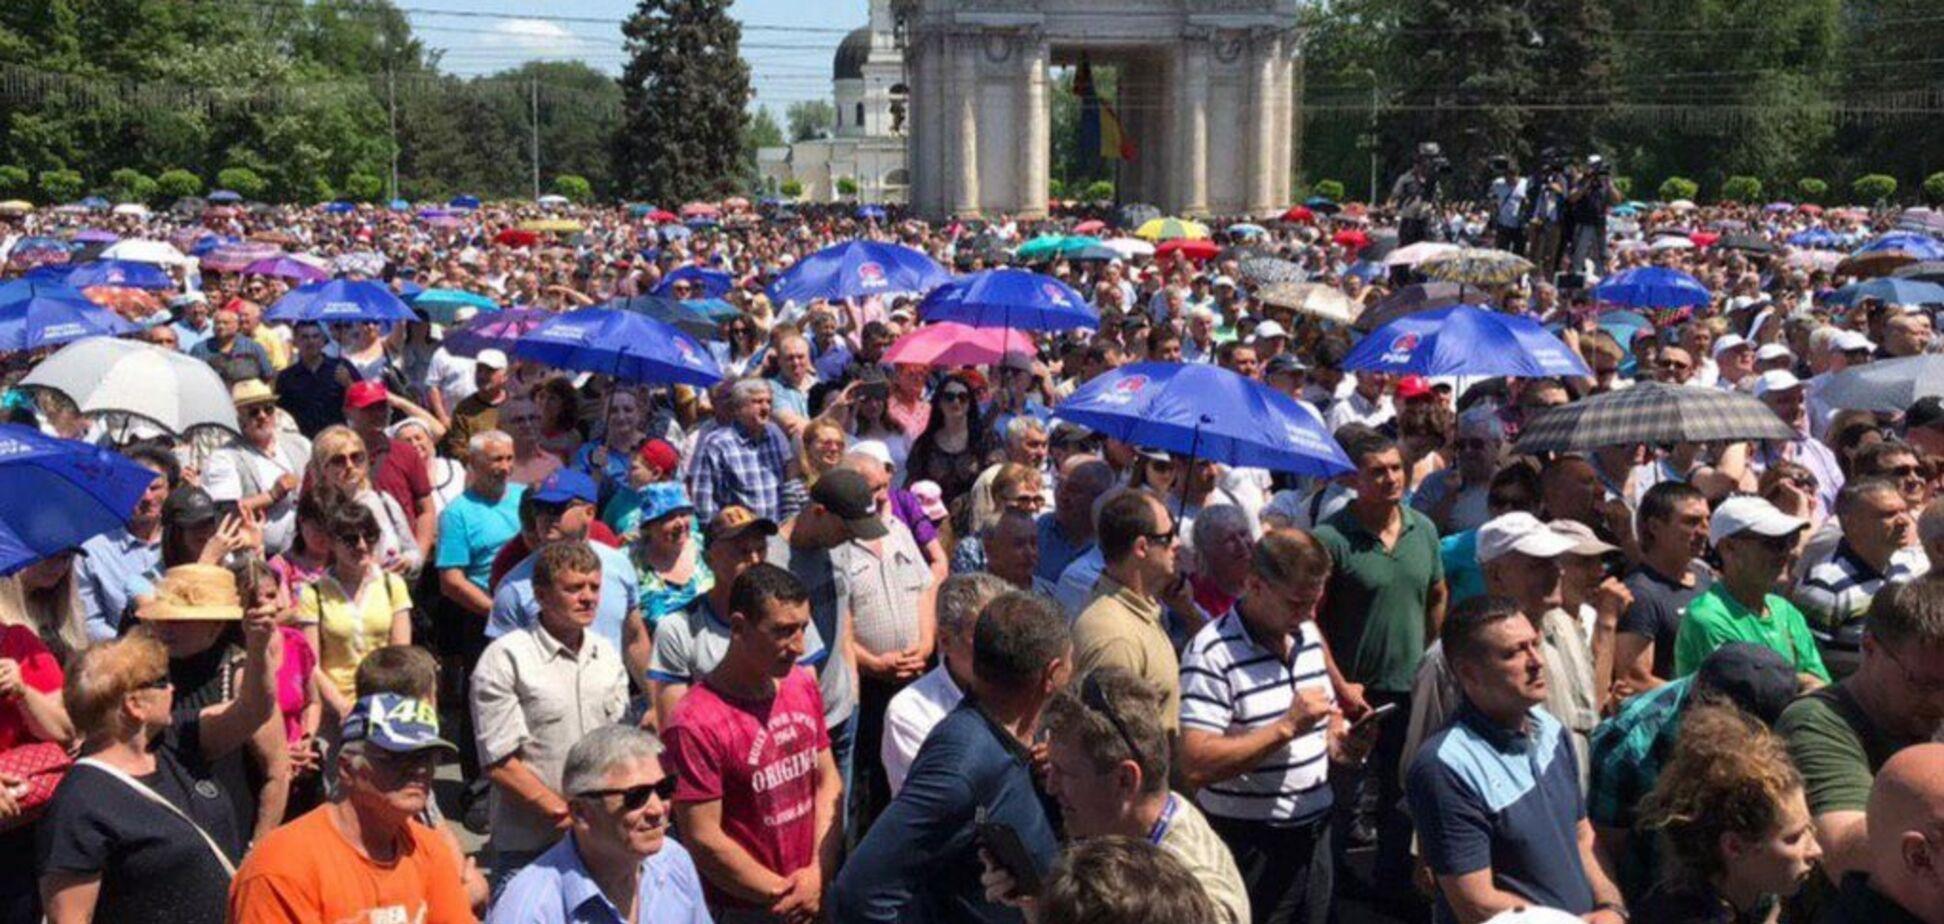 'Загроза є': в протестах у Молдові побачили ризики для України